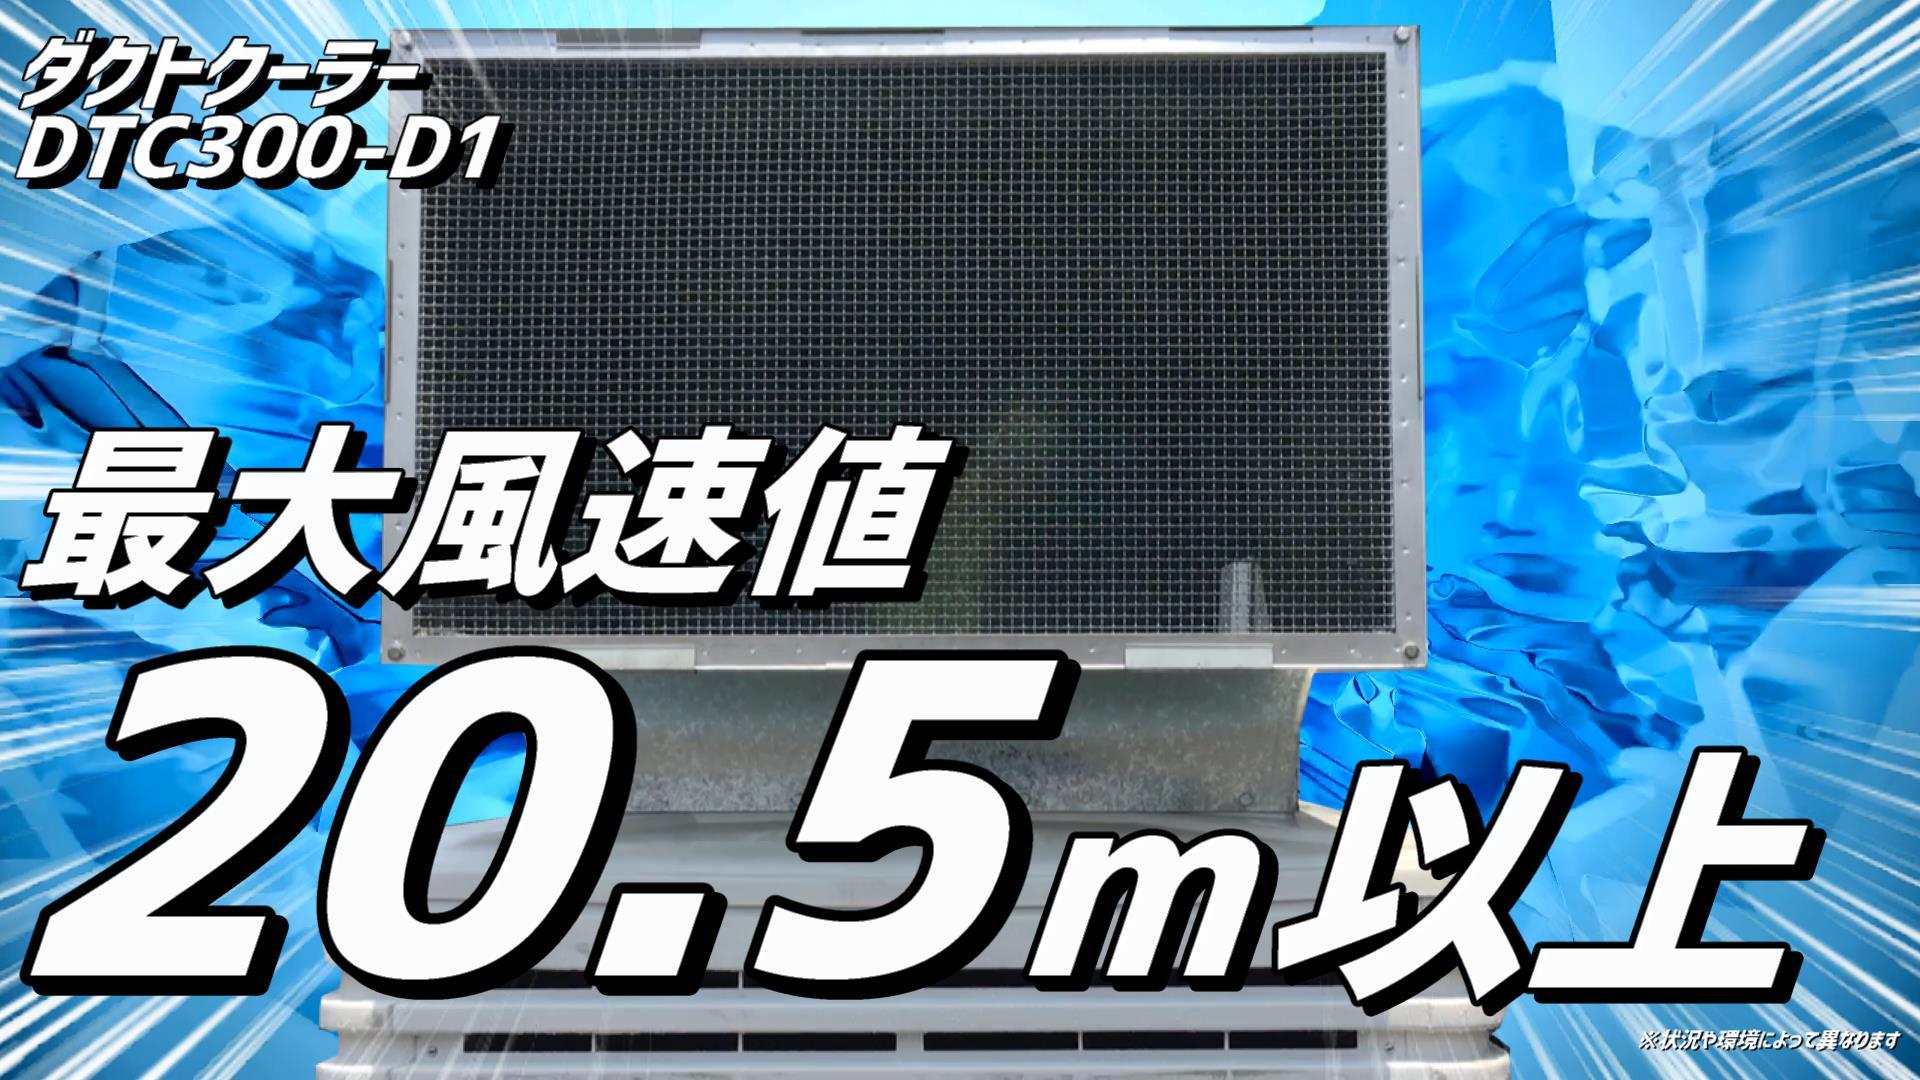 ダクトクーラー300-D1の強烈な風速